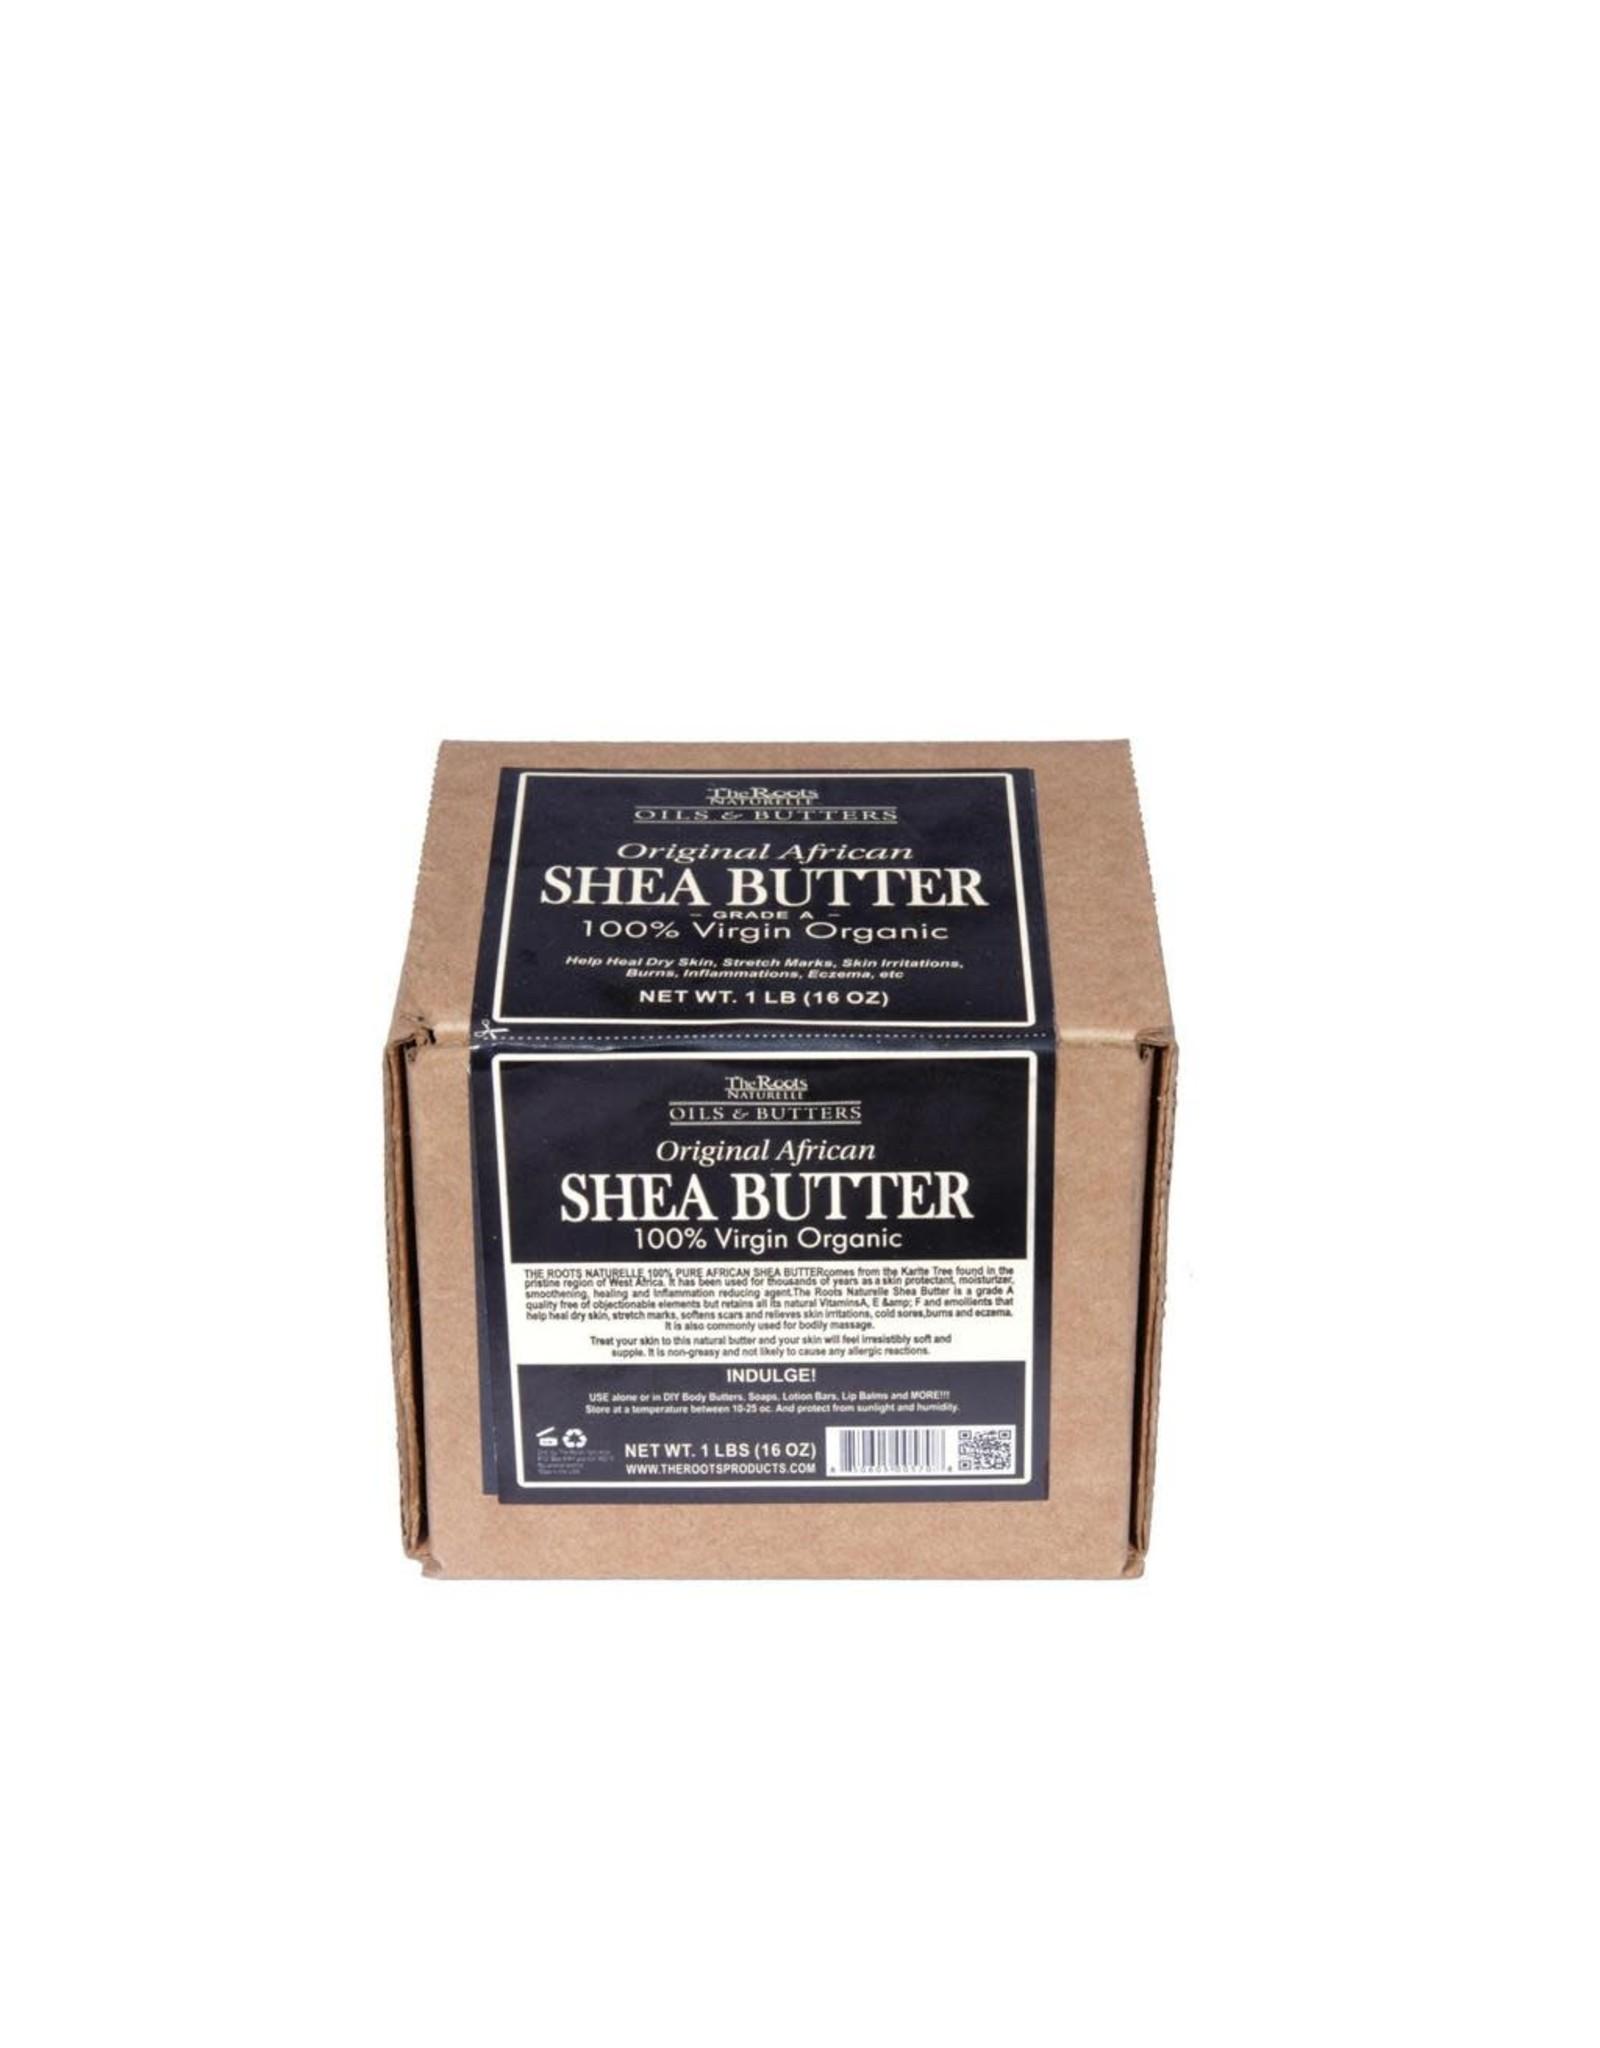 100% Virgin Organic Shea Butter